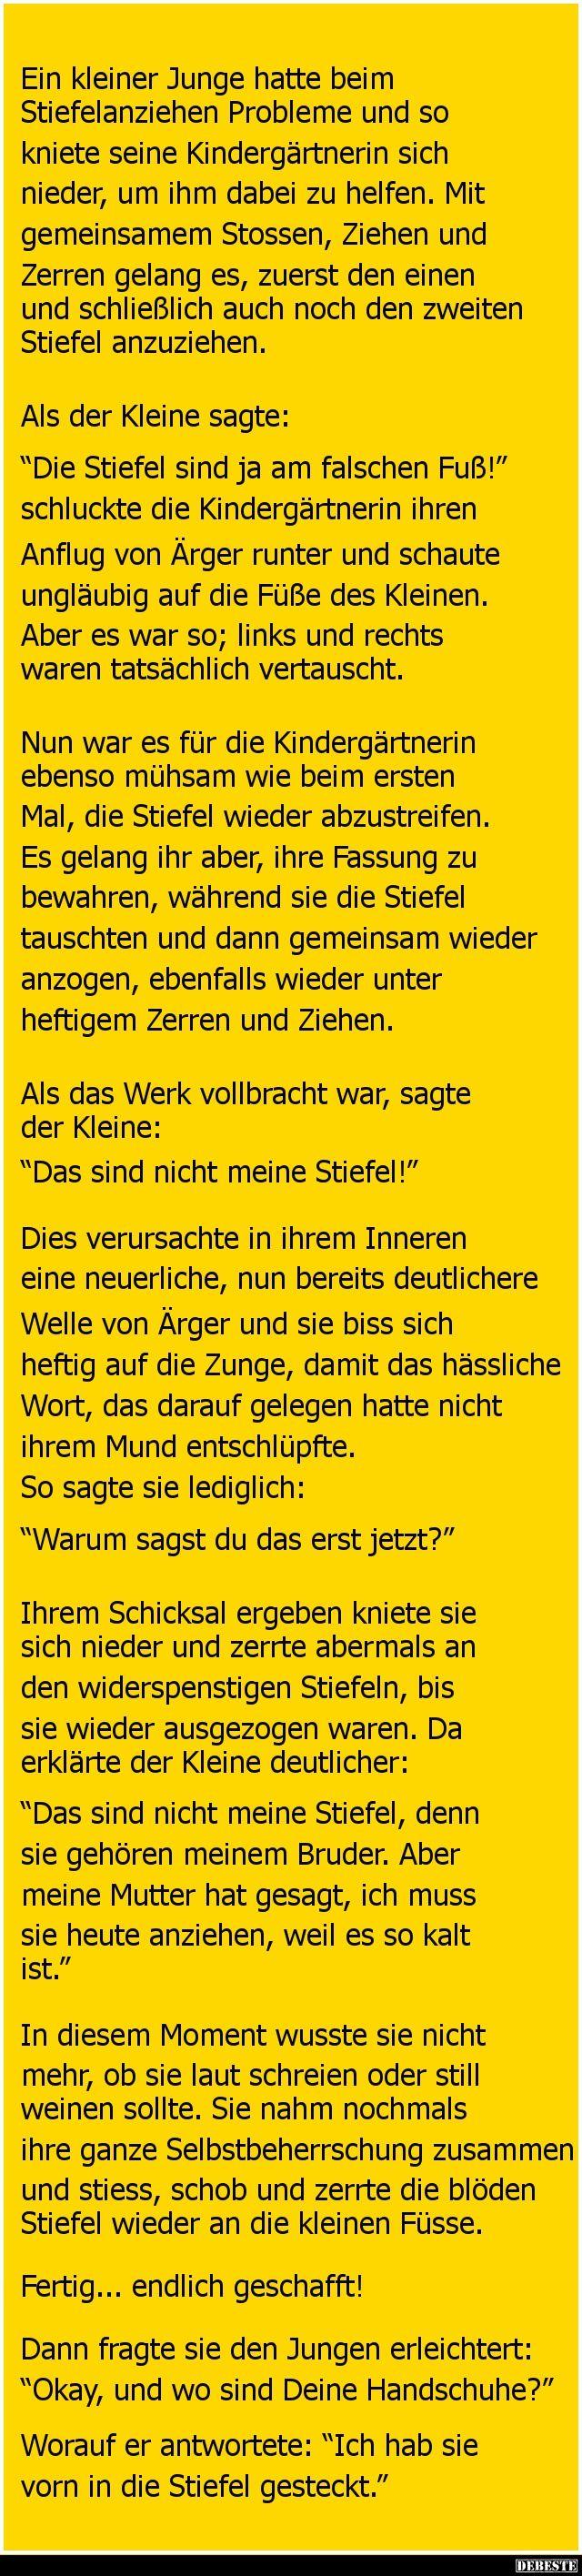 Ein kleiner Junge hatte beim Stiefelanziehen Probleme | DEBESTE.de, Lustige Bilder, Sprüche, Witze und Videos